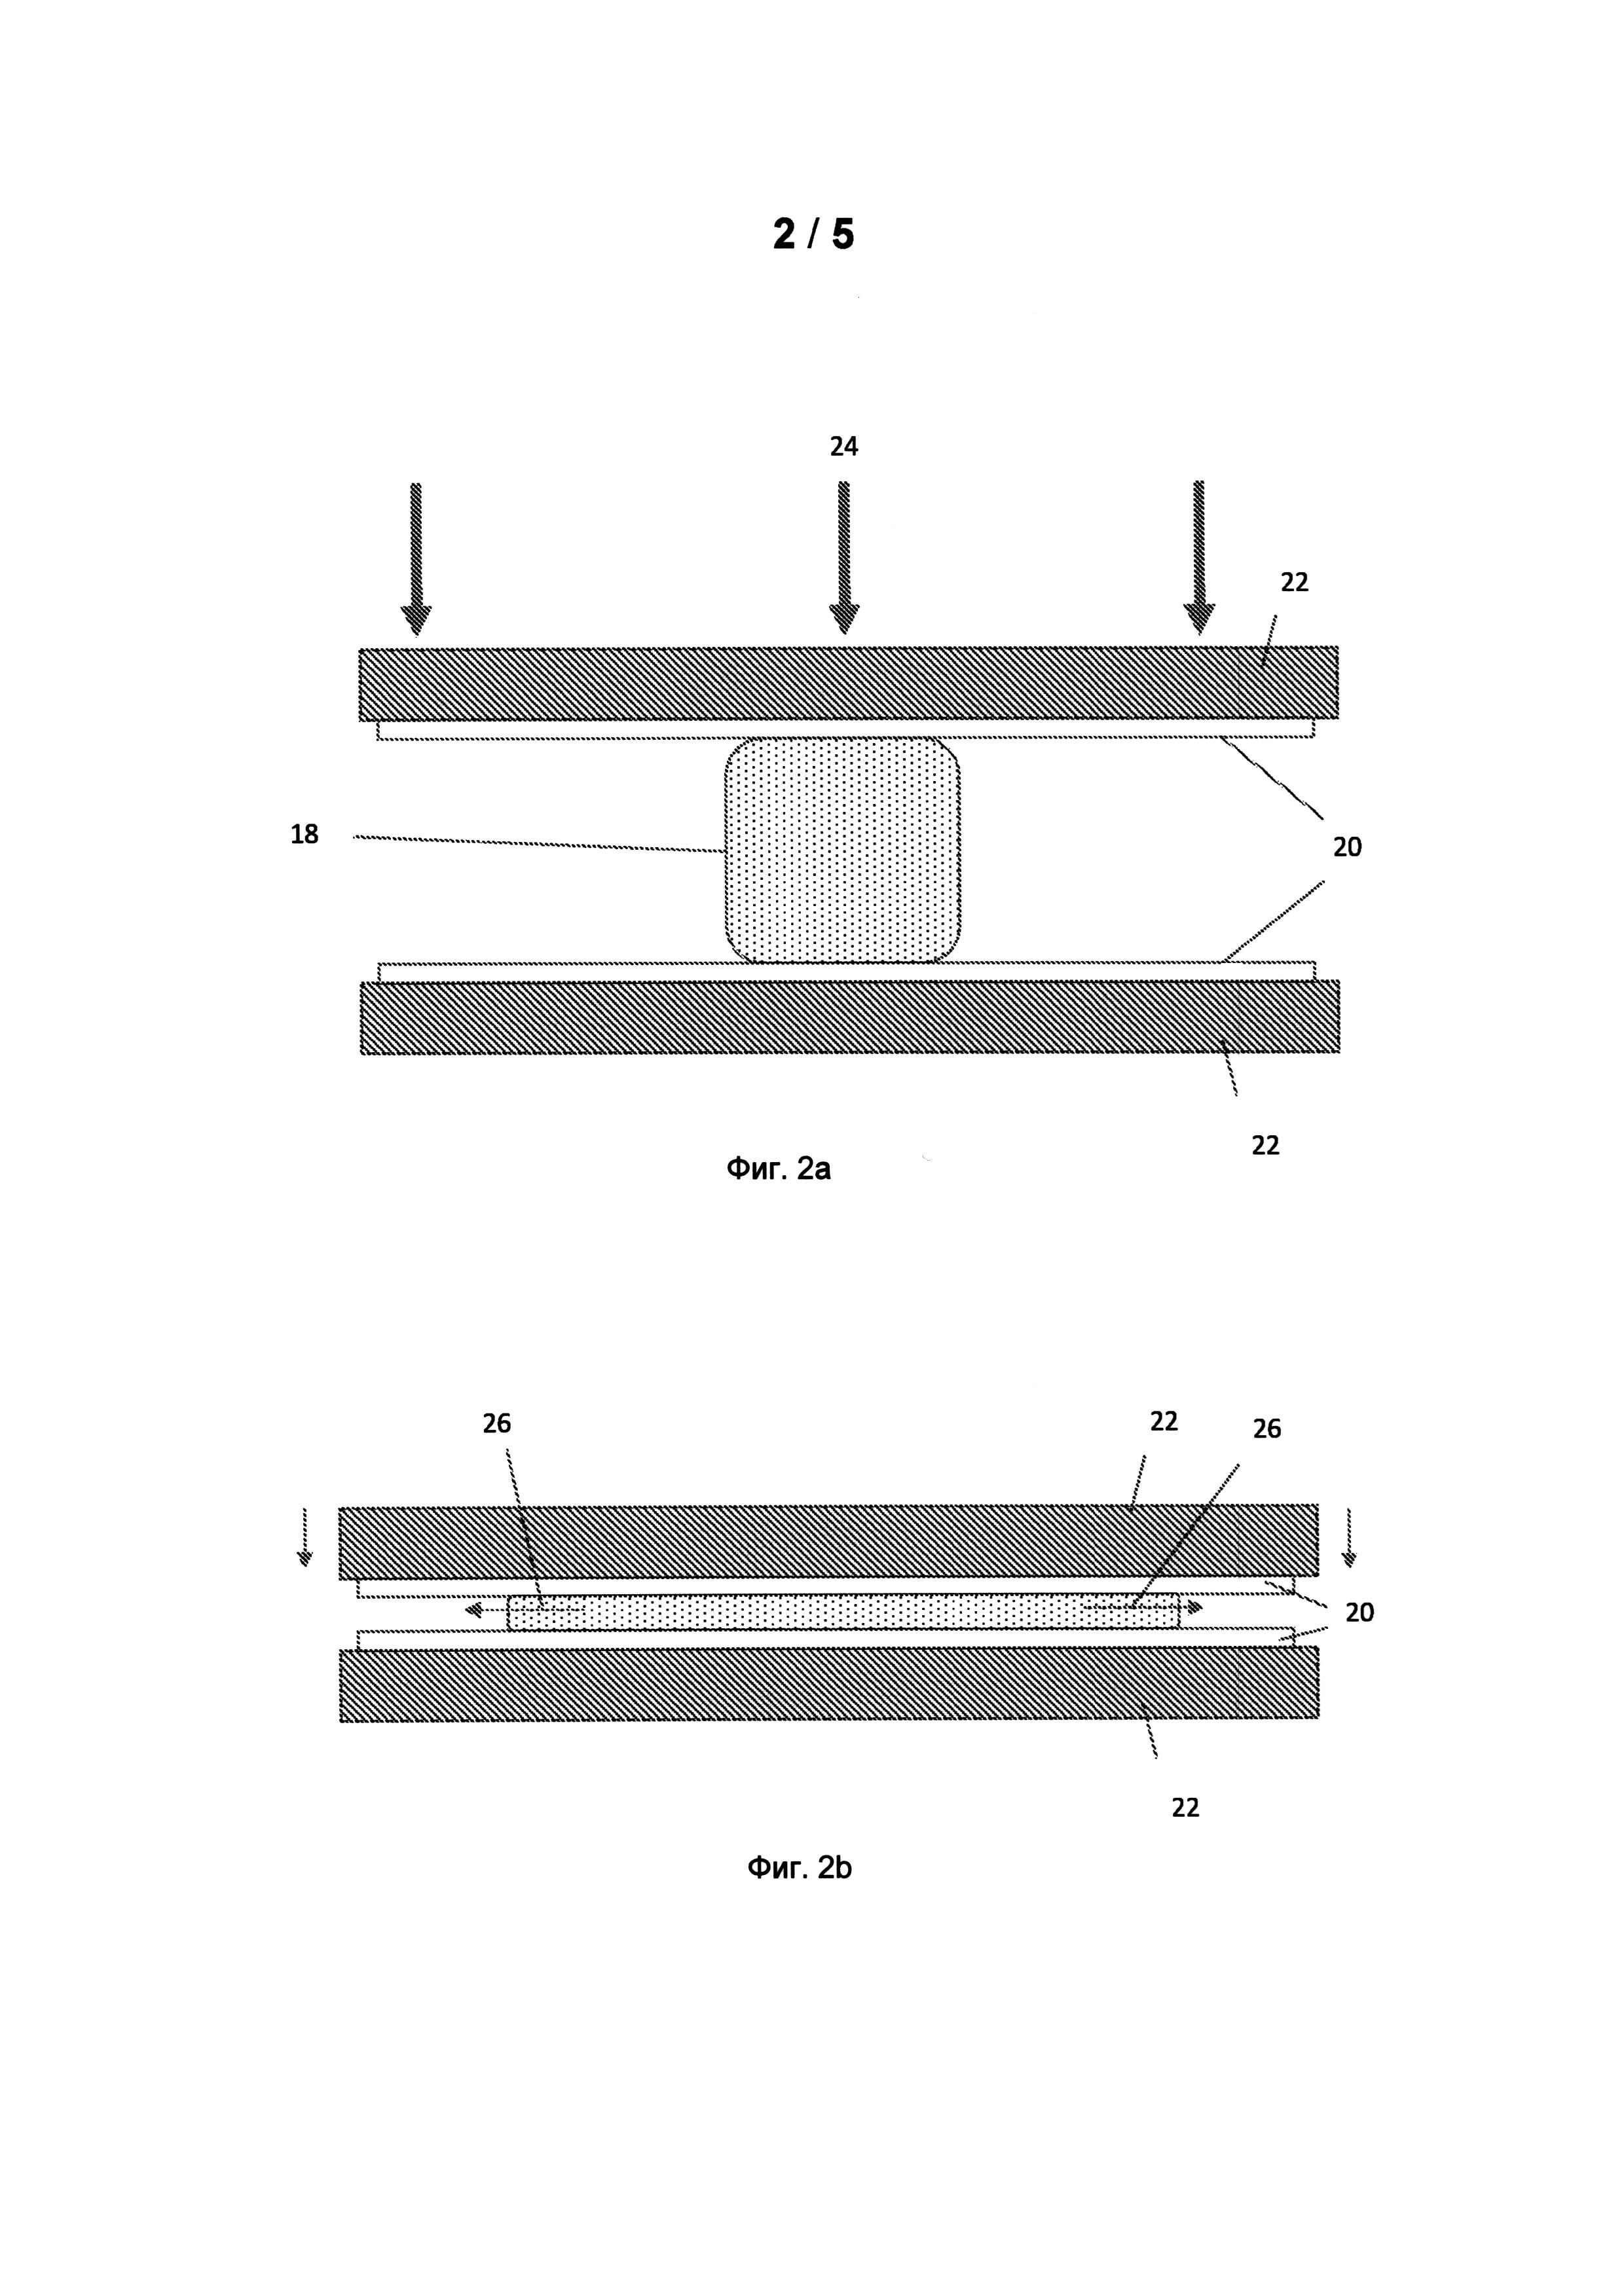 Композиции целлюлозы, способы получения композиций целлюлозы и продукты, содержащие композиции целлюлозы